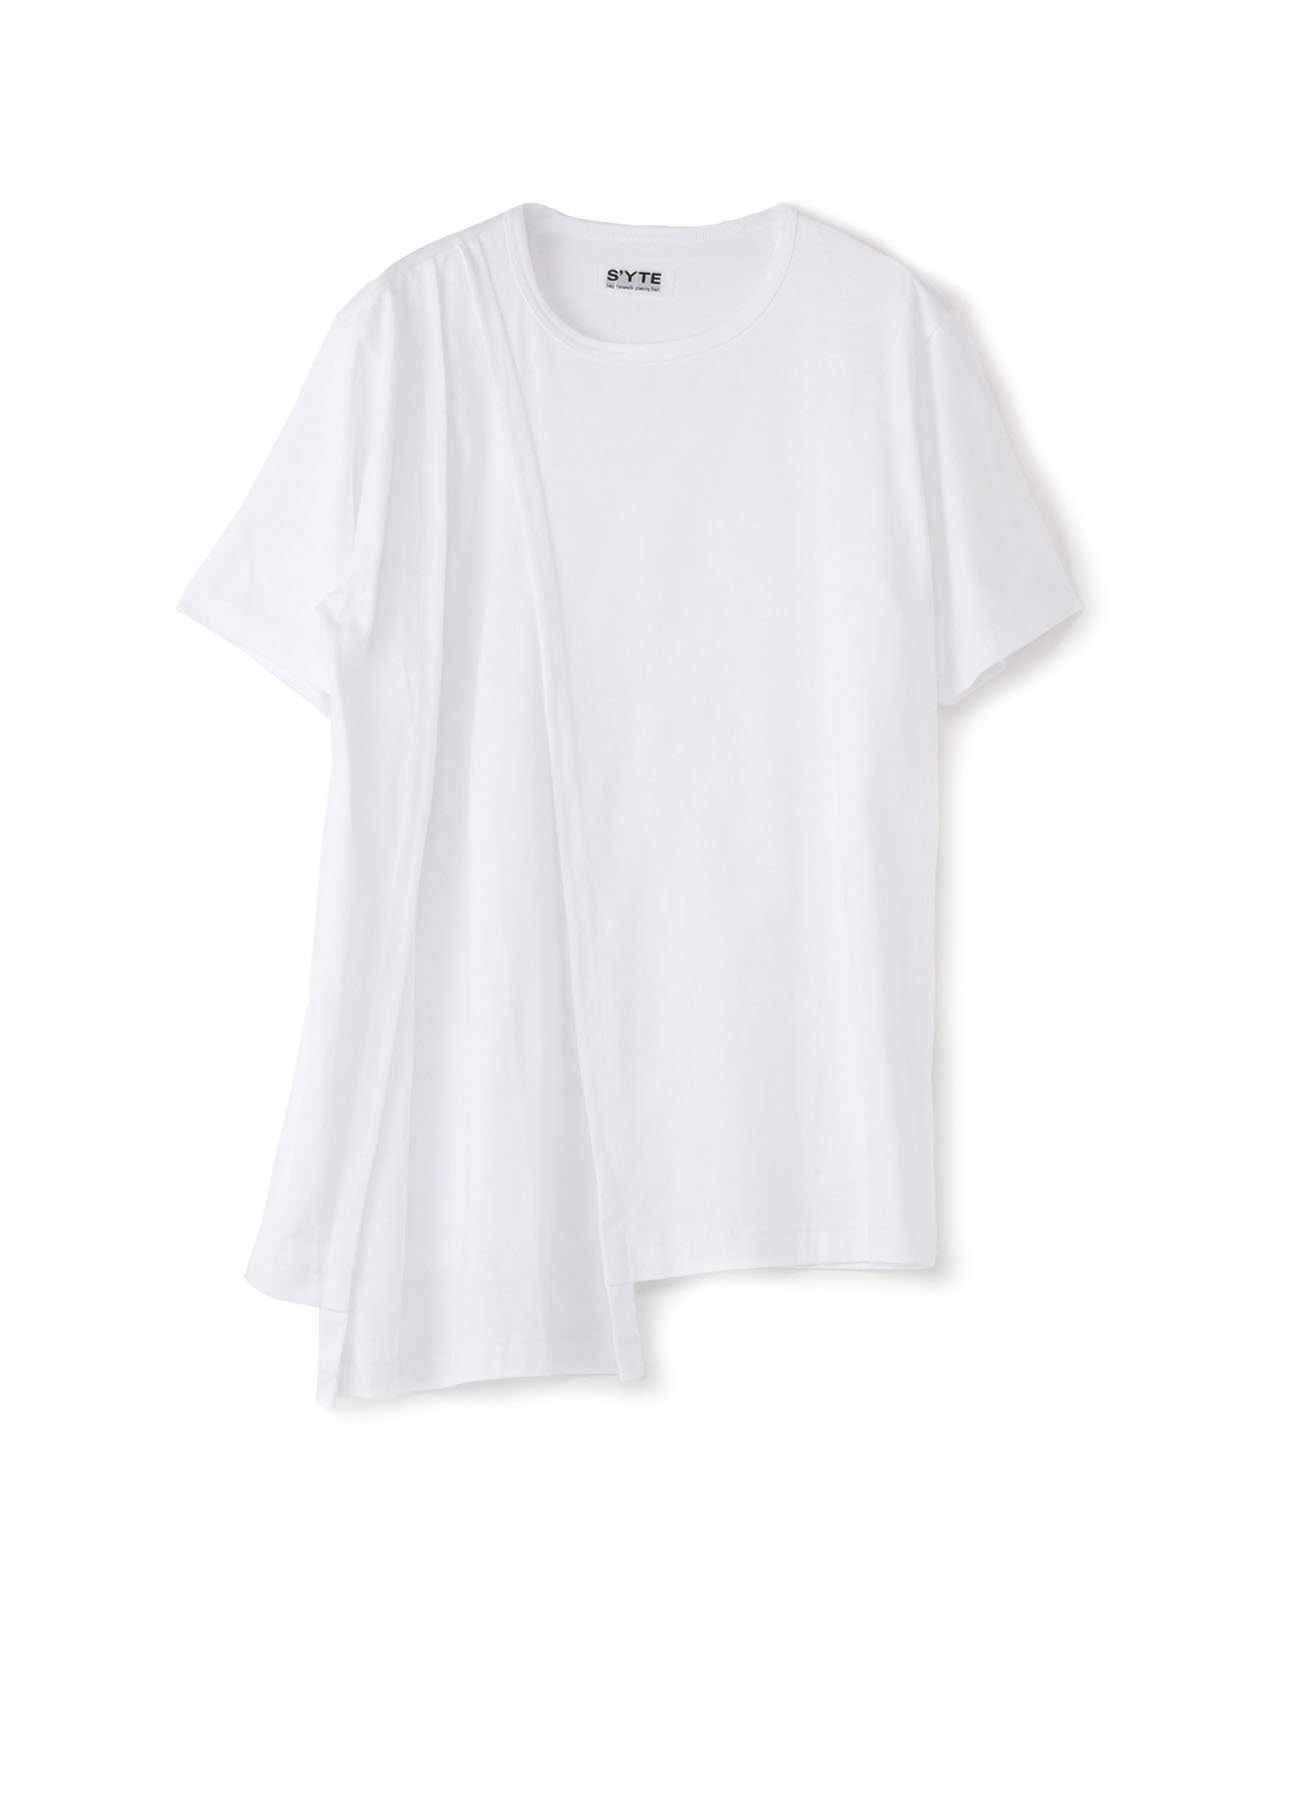 40/2细平纹不对称垂褶T恤